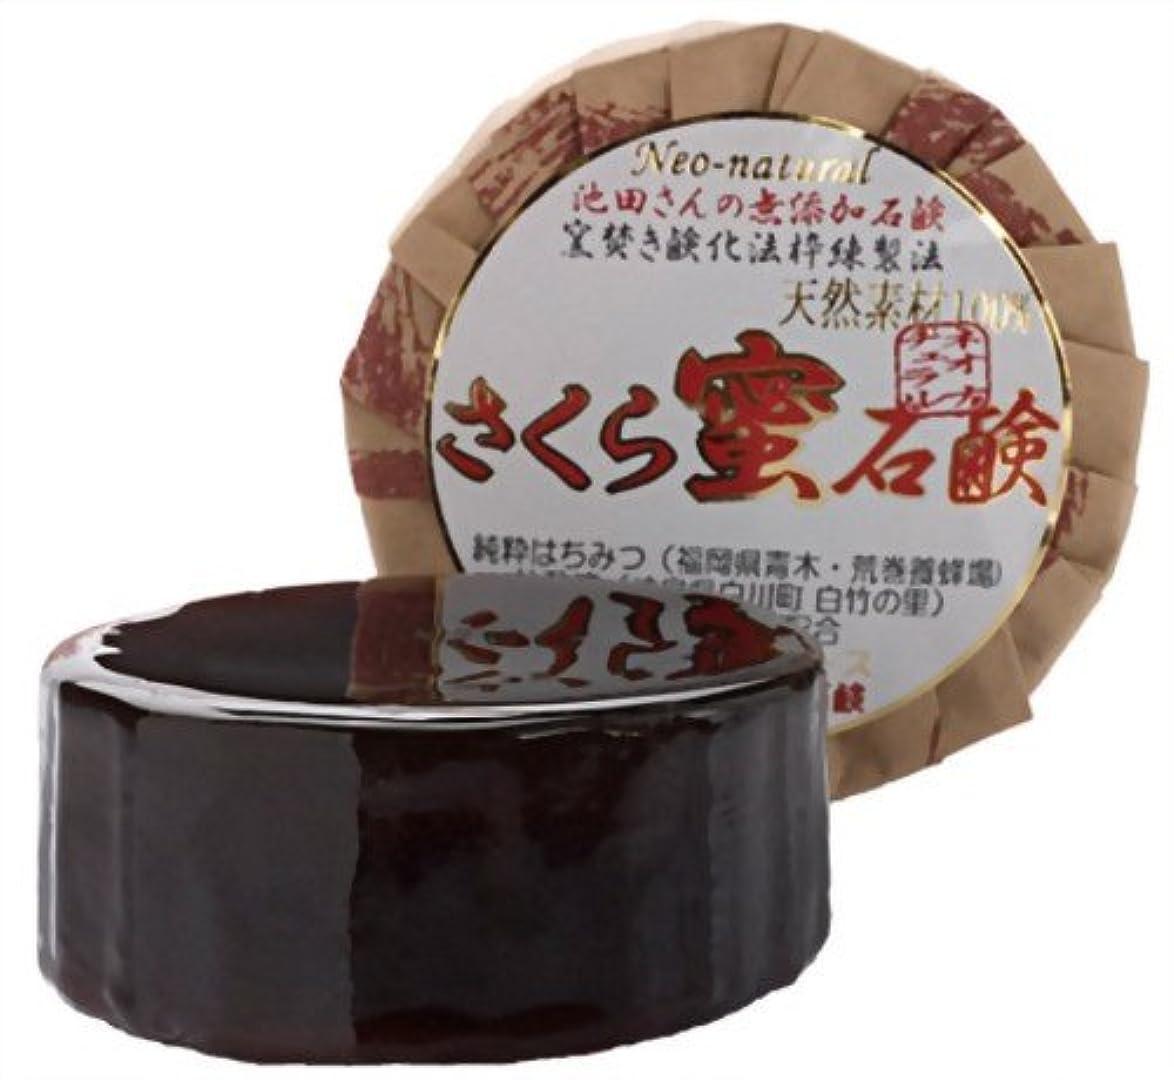 遺伝的普及ドライブネオナチュラル 池田さんのさくら蜜石鹸 105g